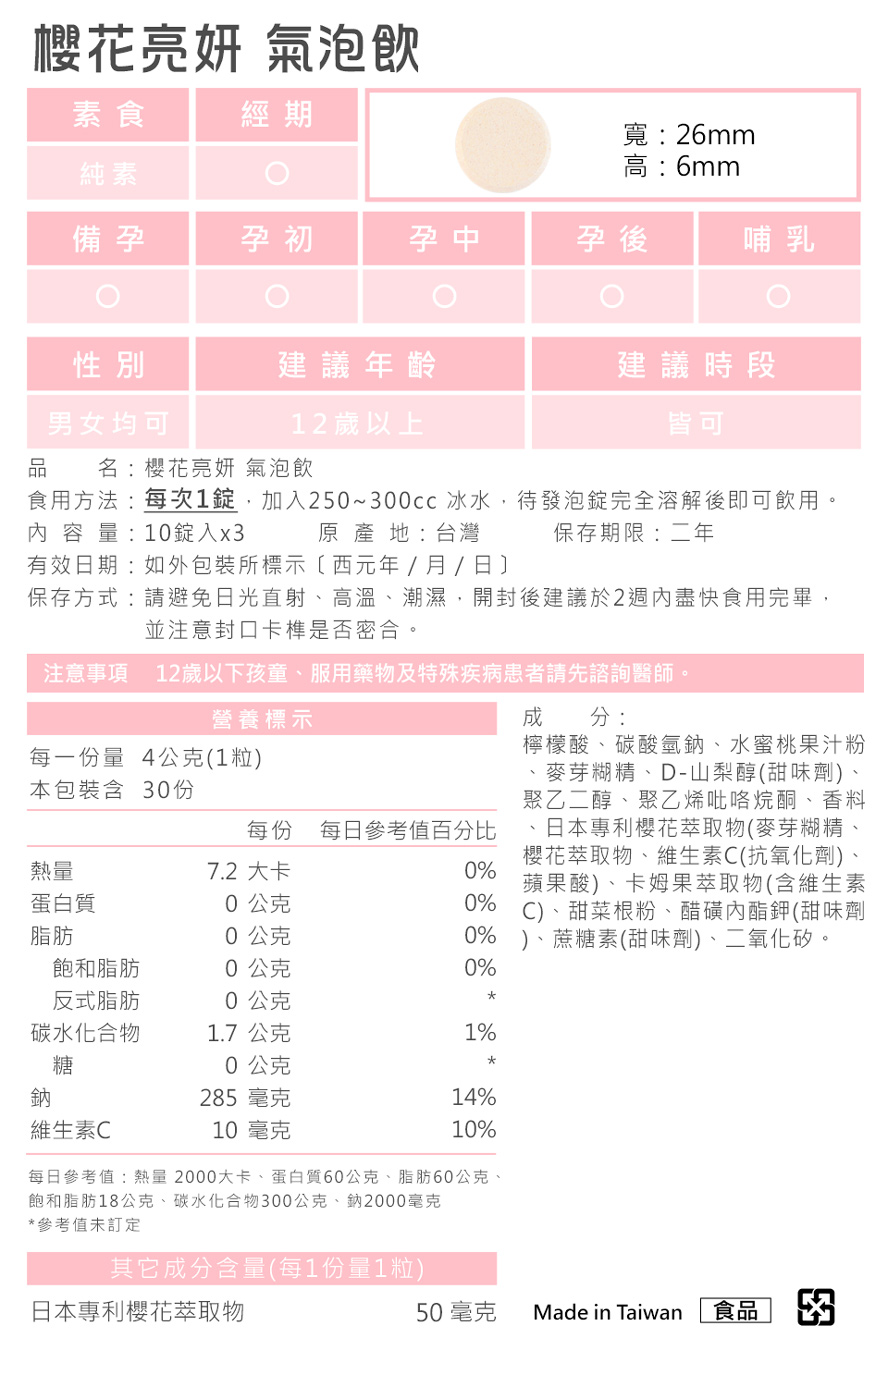 BHK's 櫻花亮妍氣泡飲通過安全檢驗,安全無慮,無副作用.